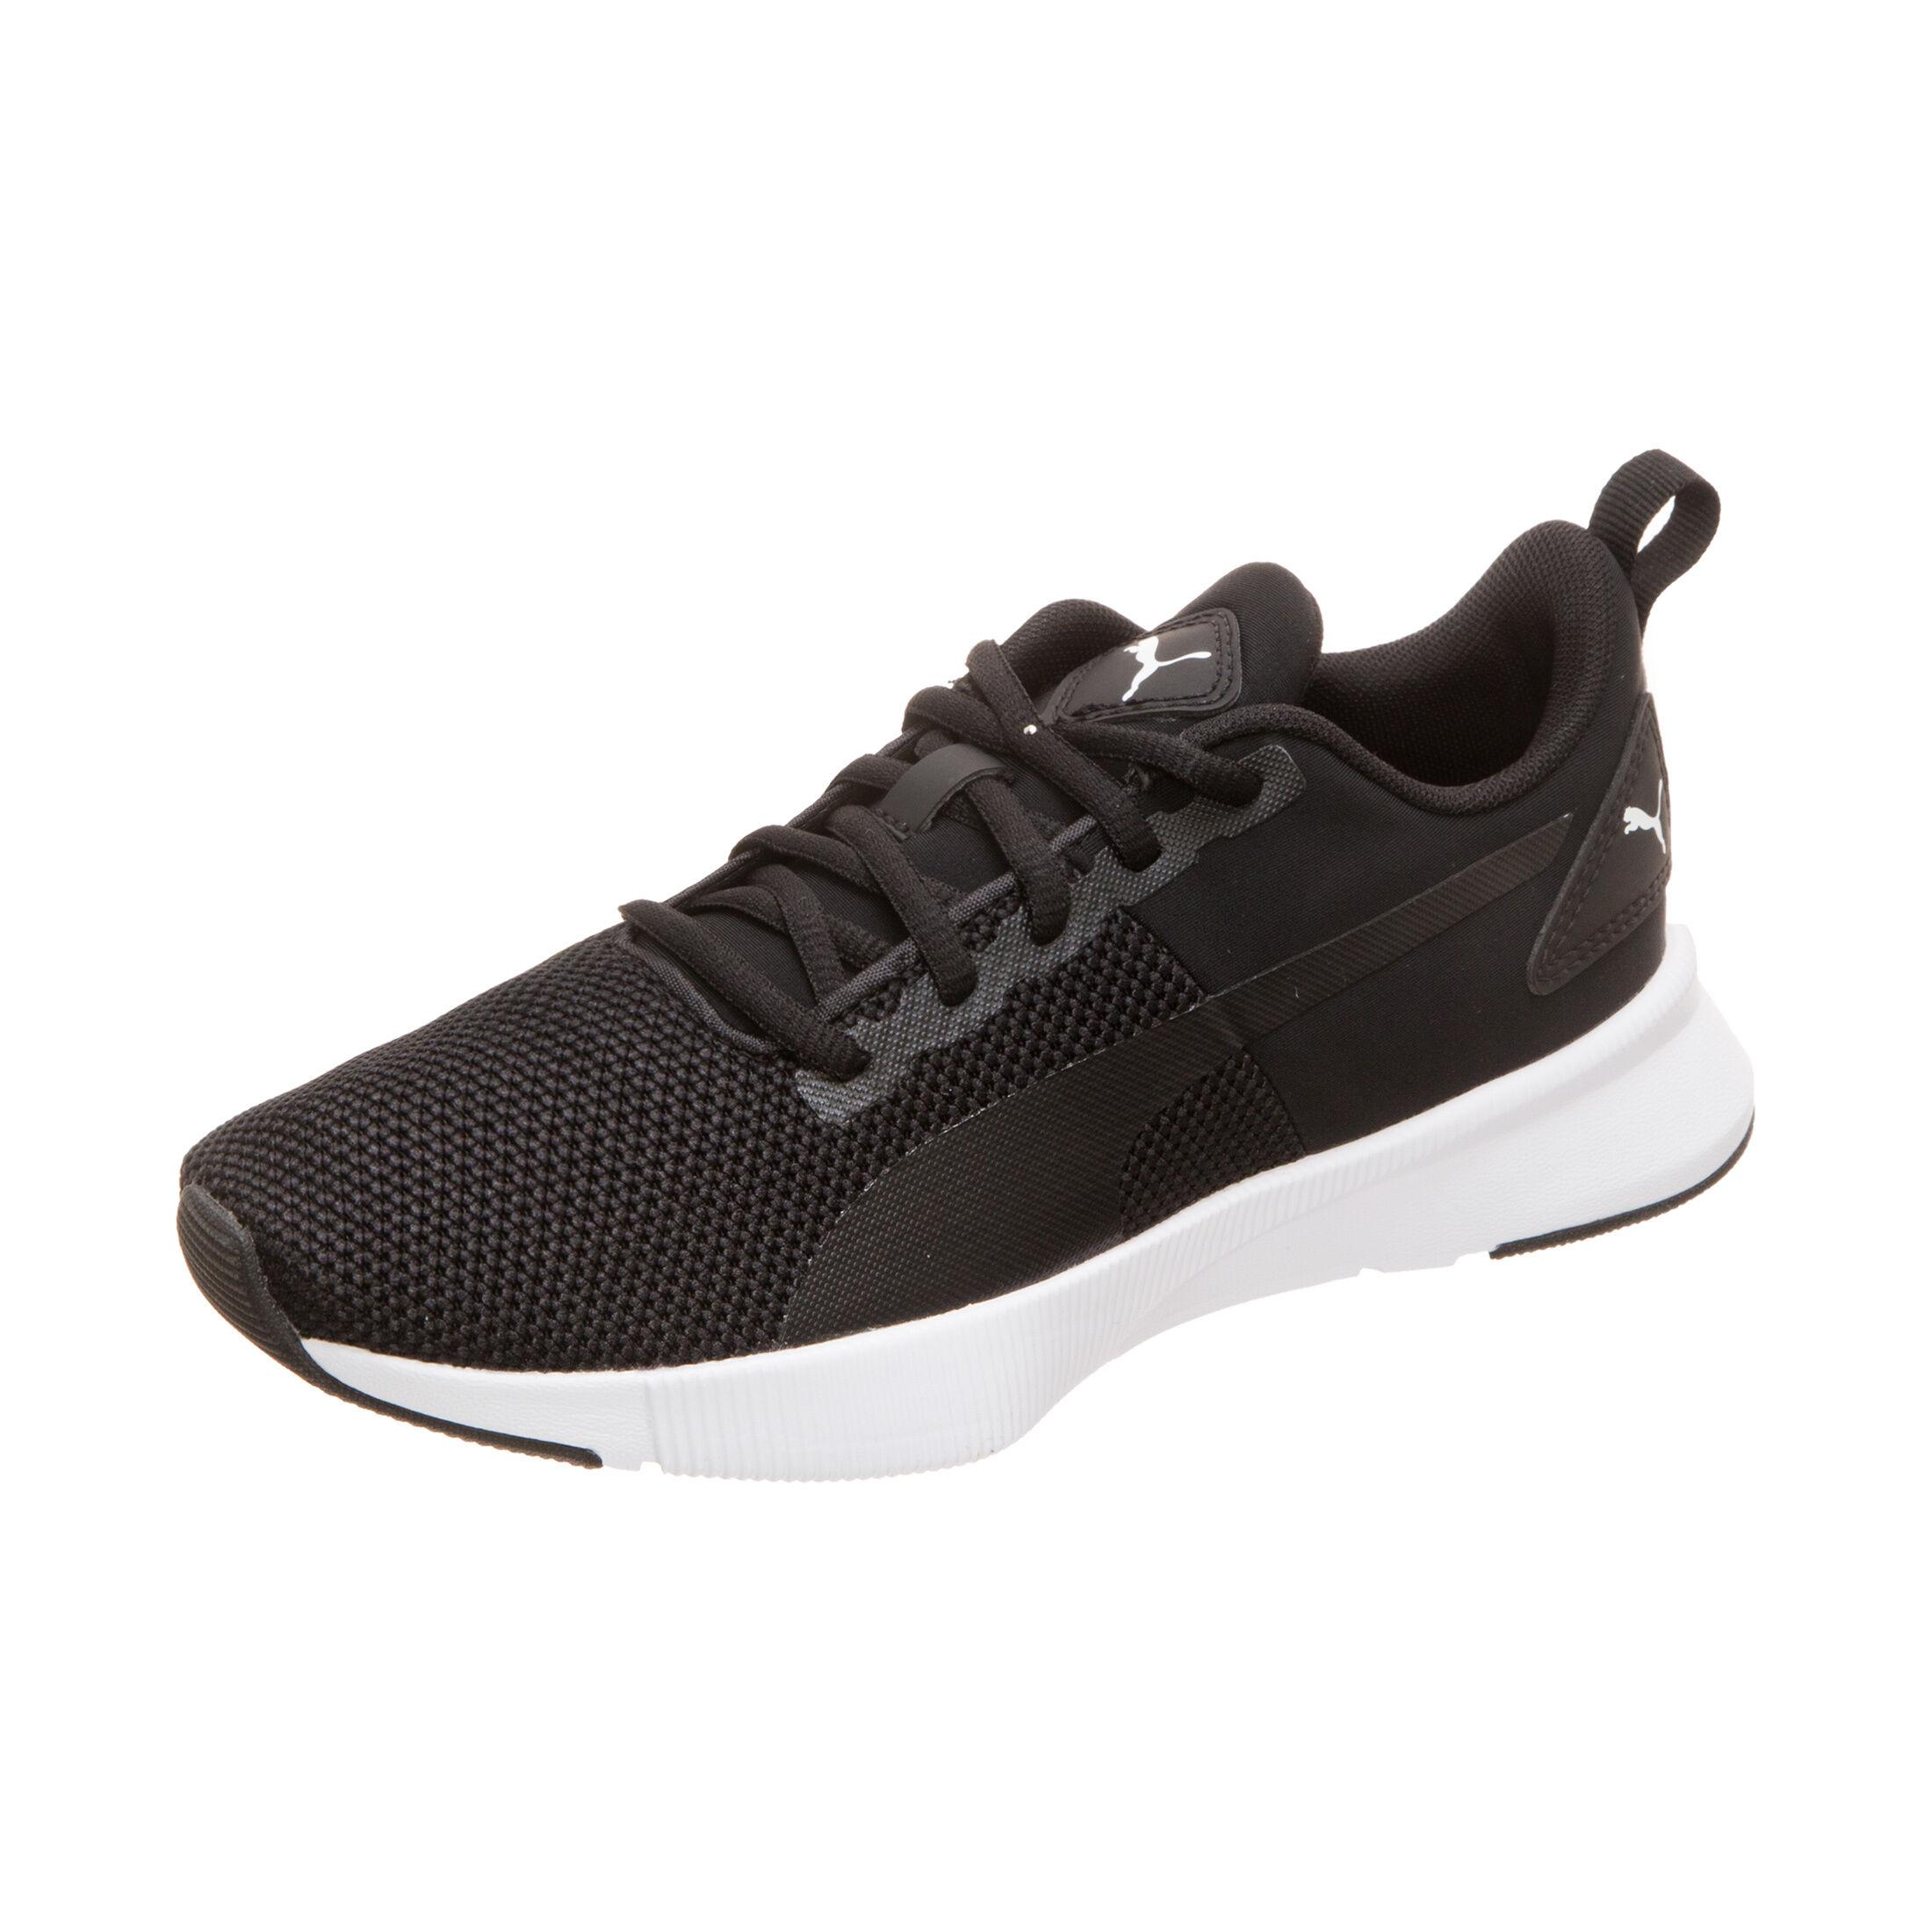 Bei Kinder PumaSchuhe Sneaker Sneaker Kinder Bei PumaSchuhe Outfitter Sneaker Outfitter vf7gyYb6I